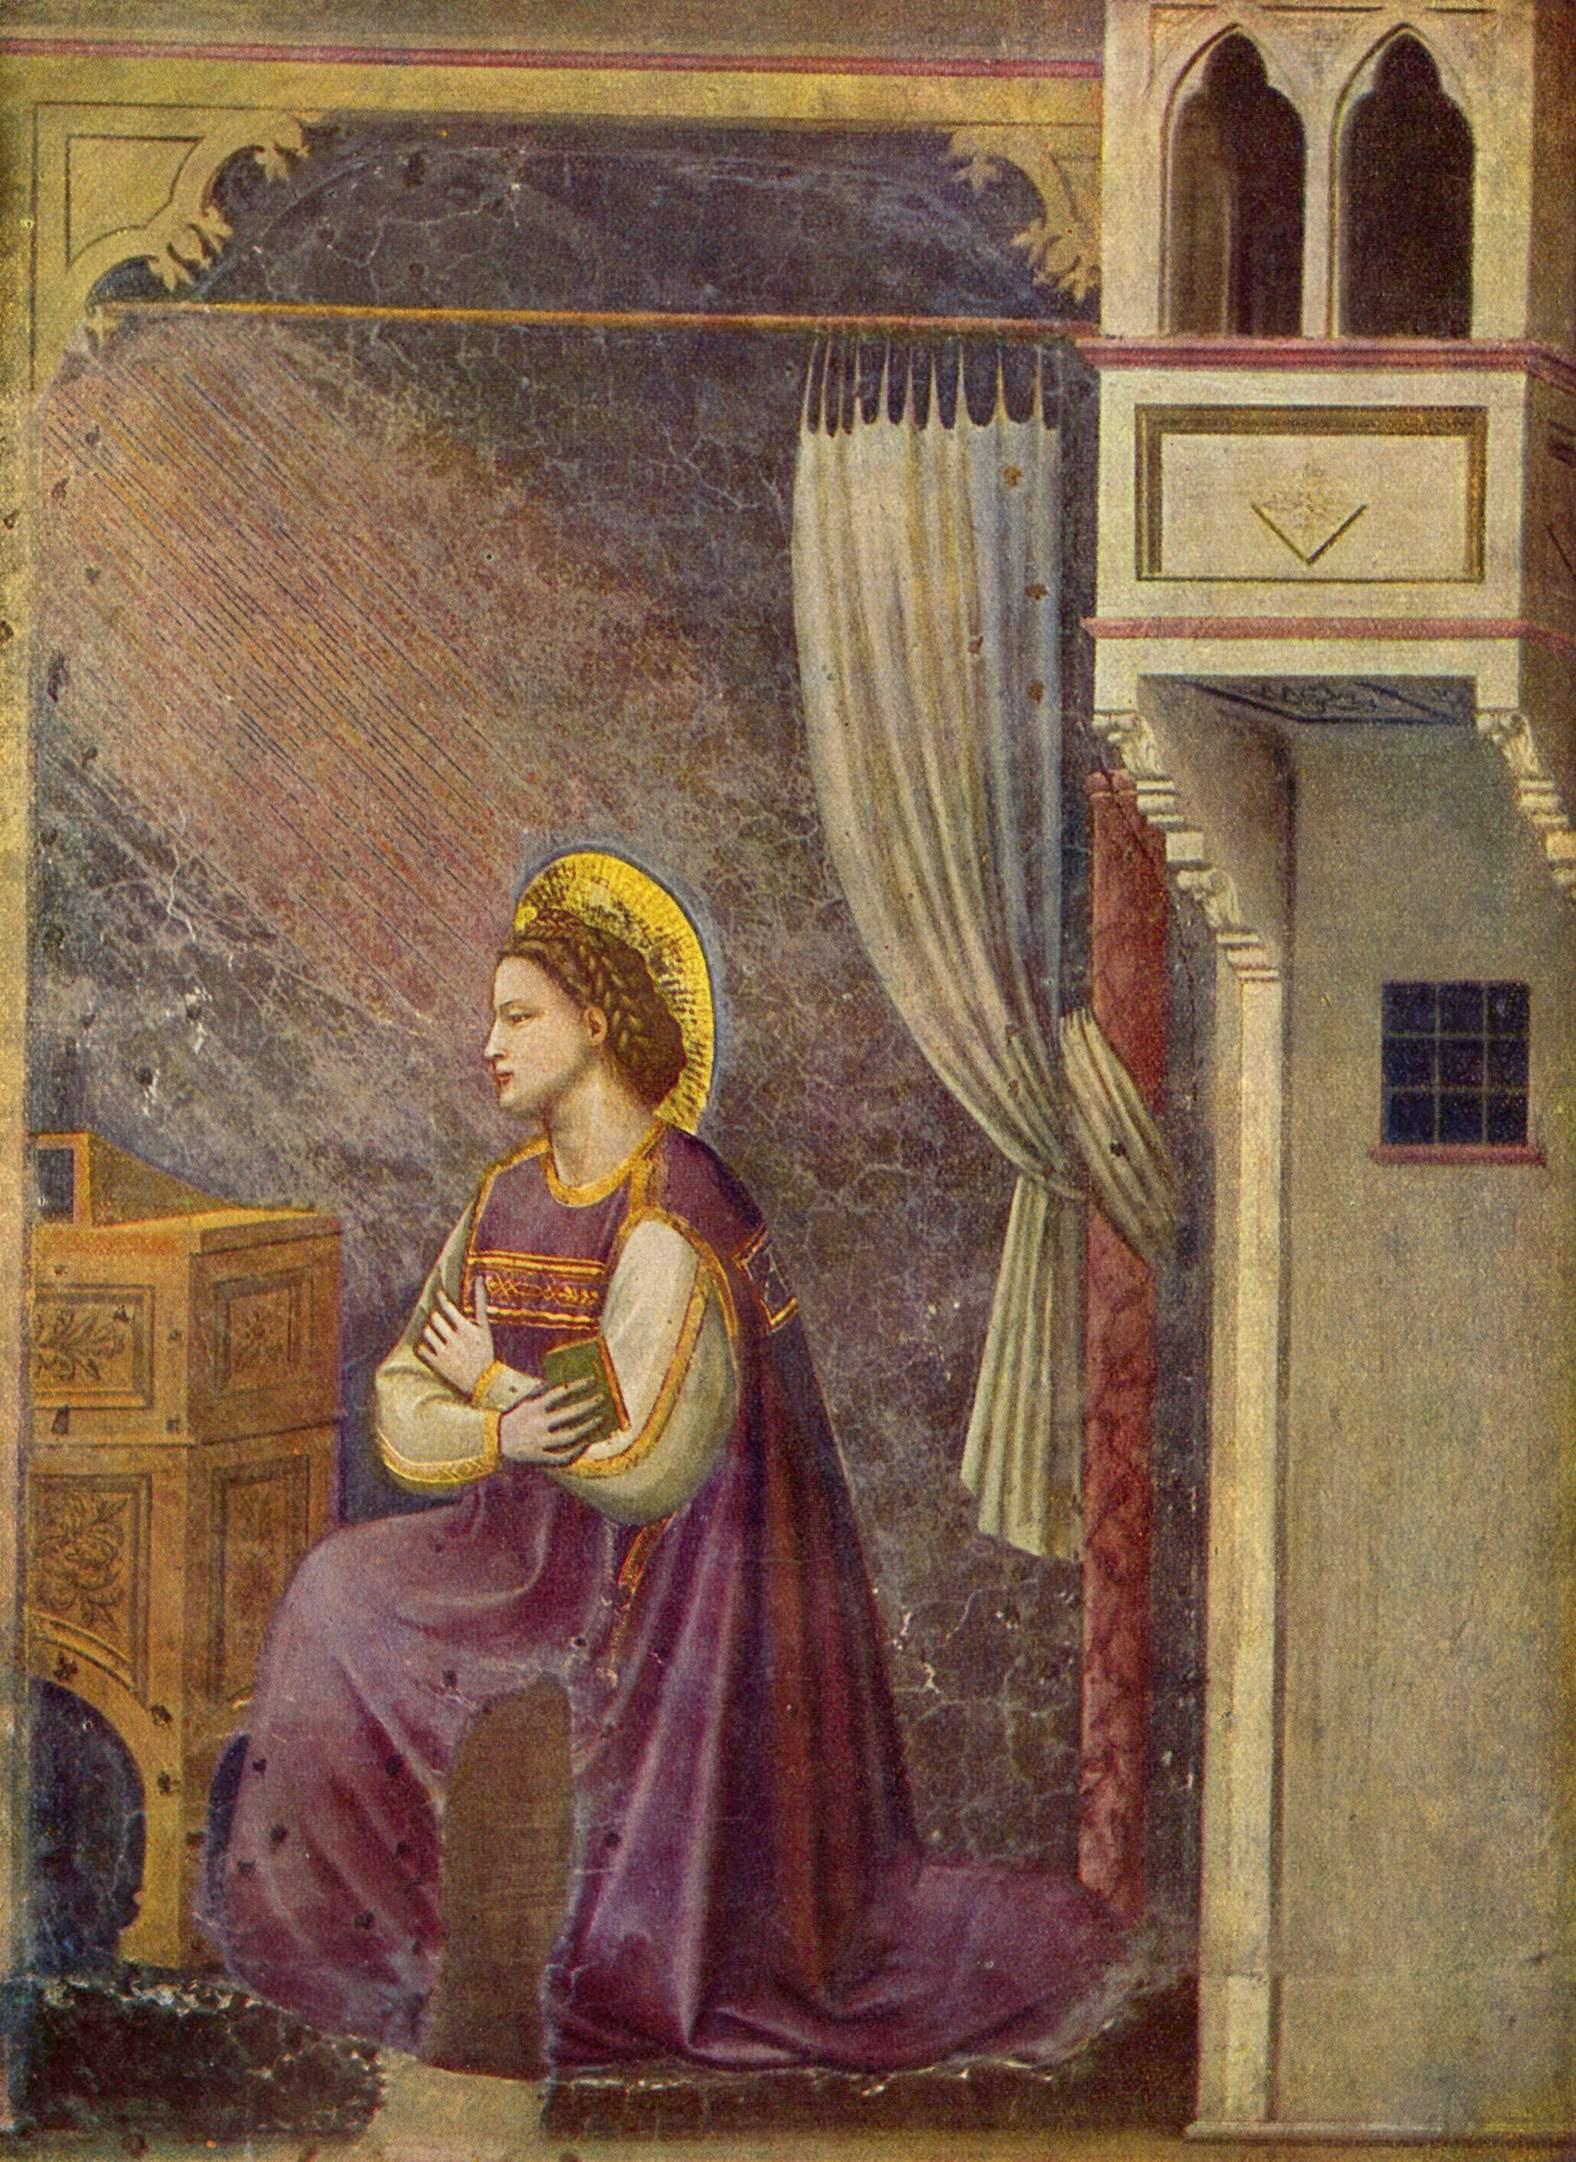 Цикл фресок капеллы Арена [05] в Падуе (капелла Скровеньи). Введение Марии во храм, Джотто ди Бондоне